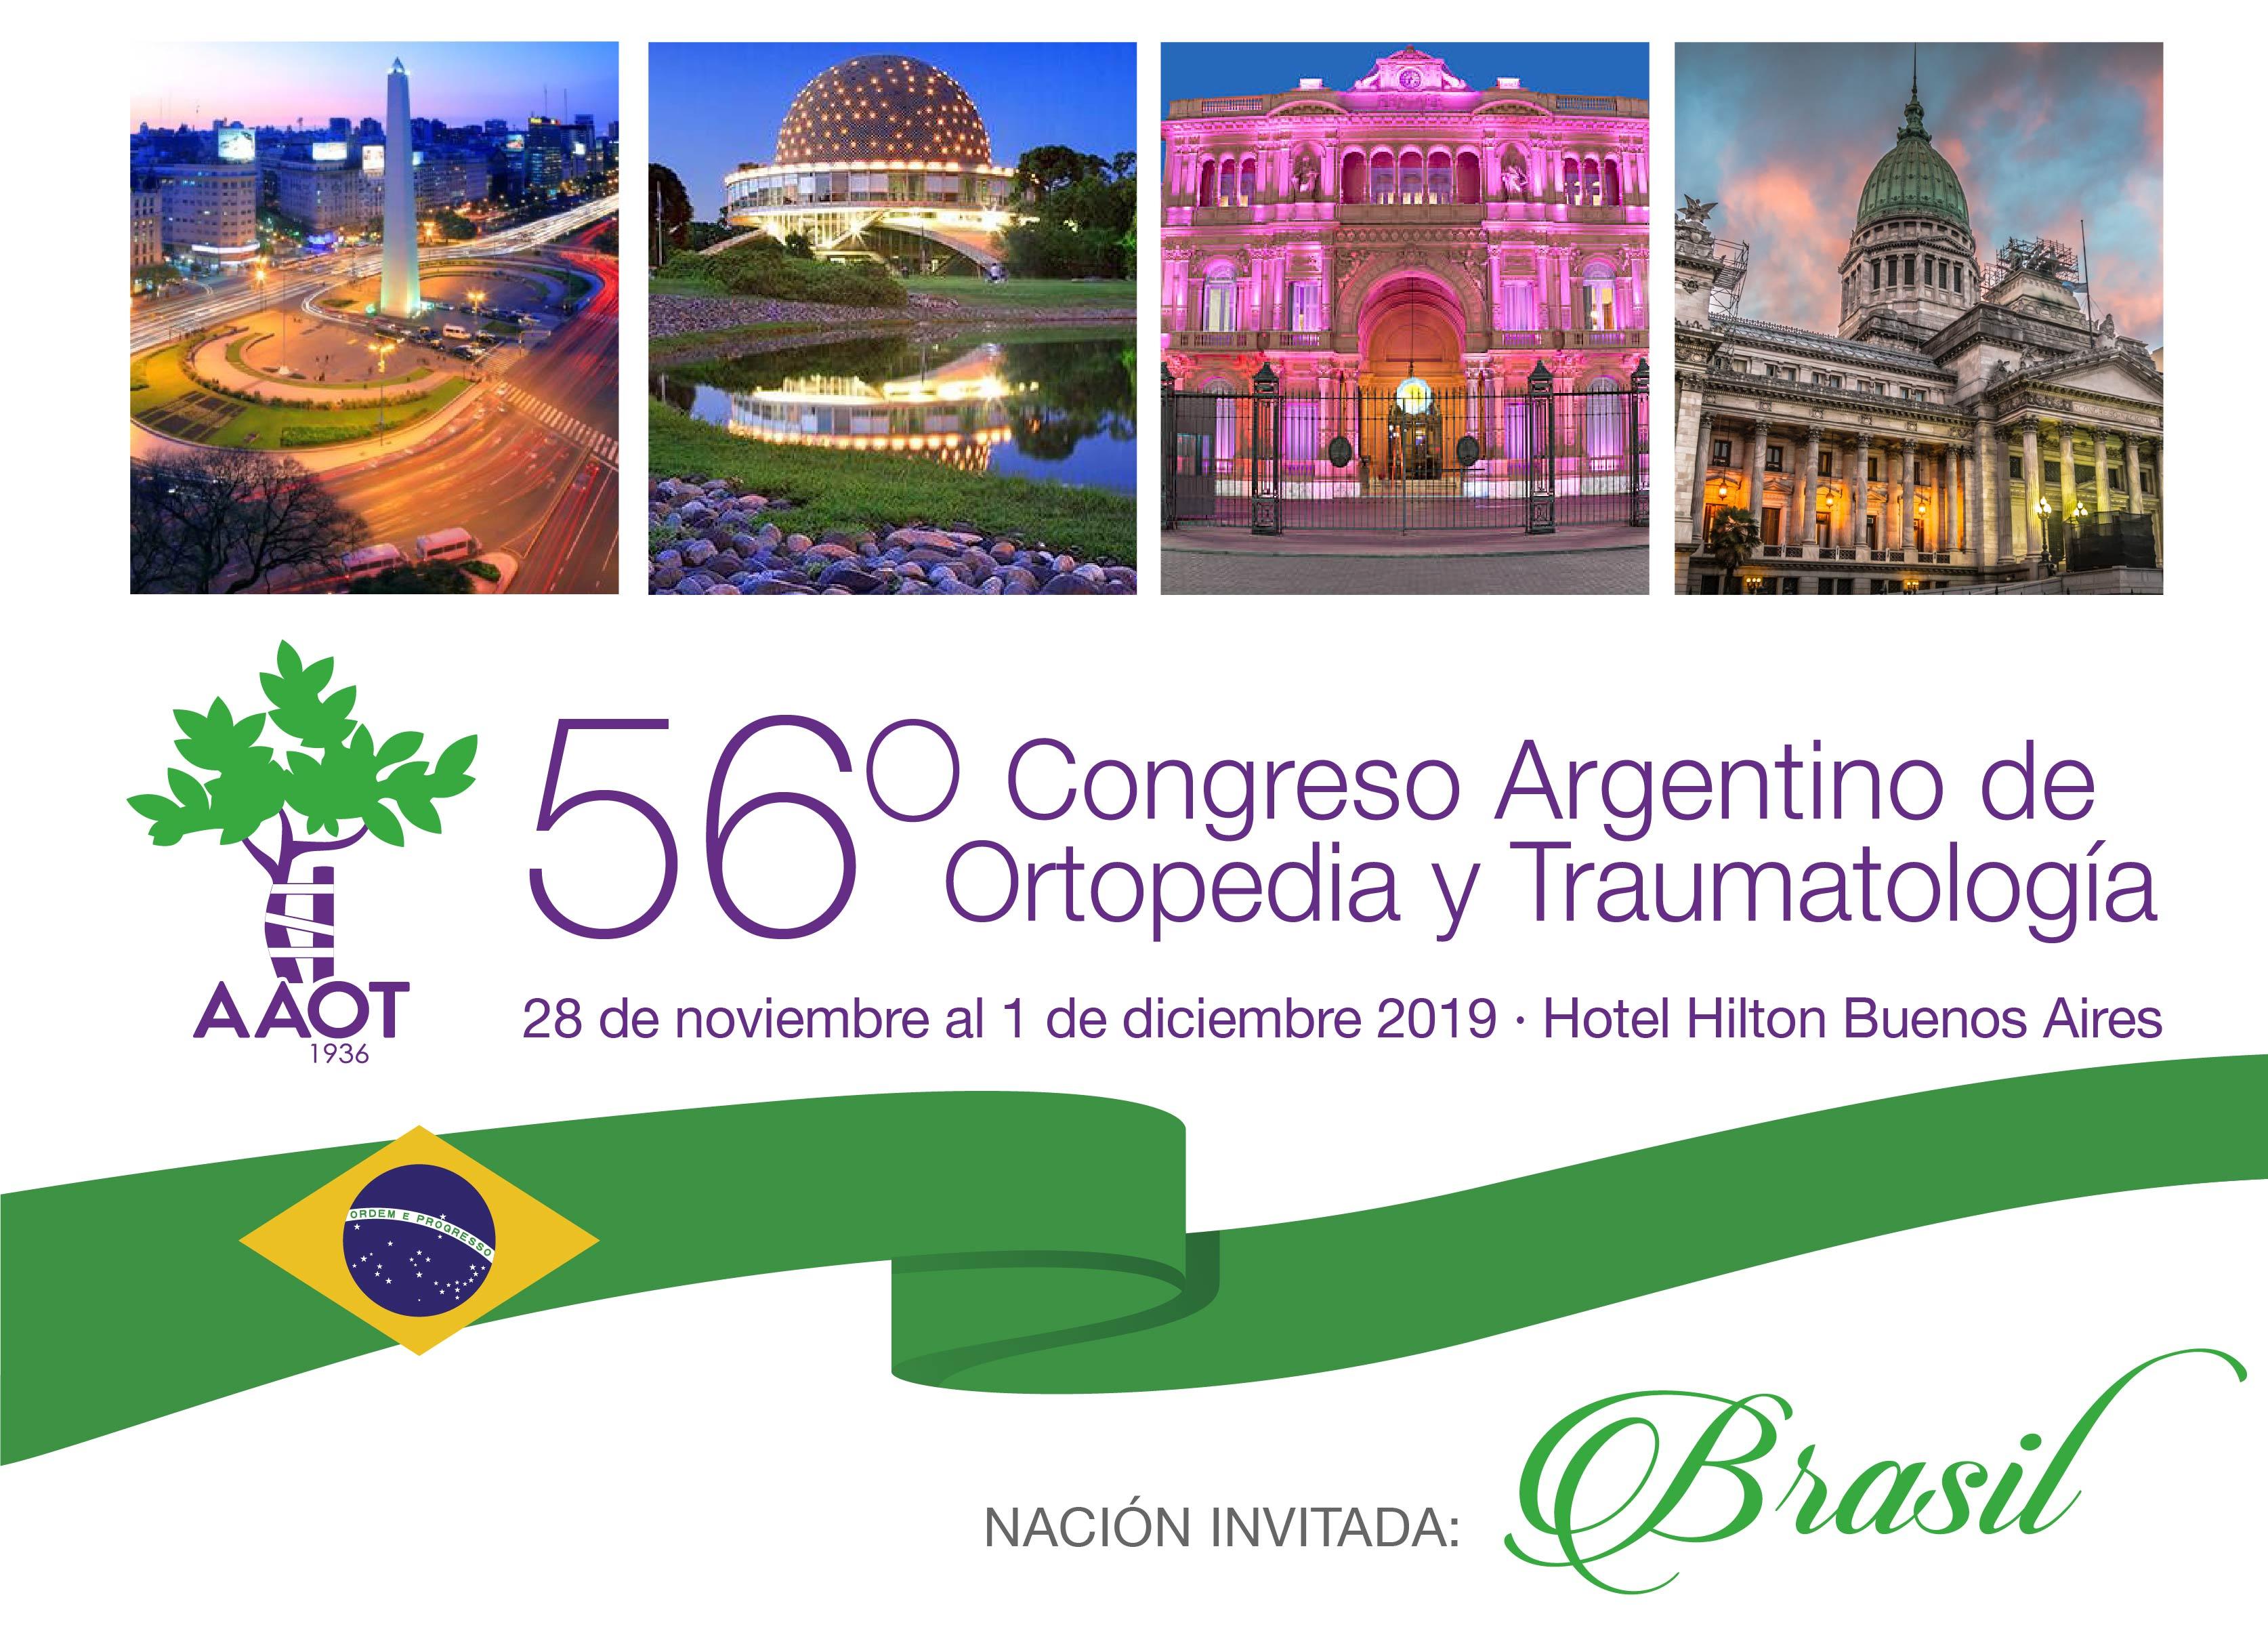 56º Congreso Argentino de Ortopedia y Traumatología